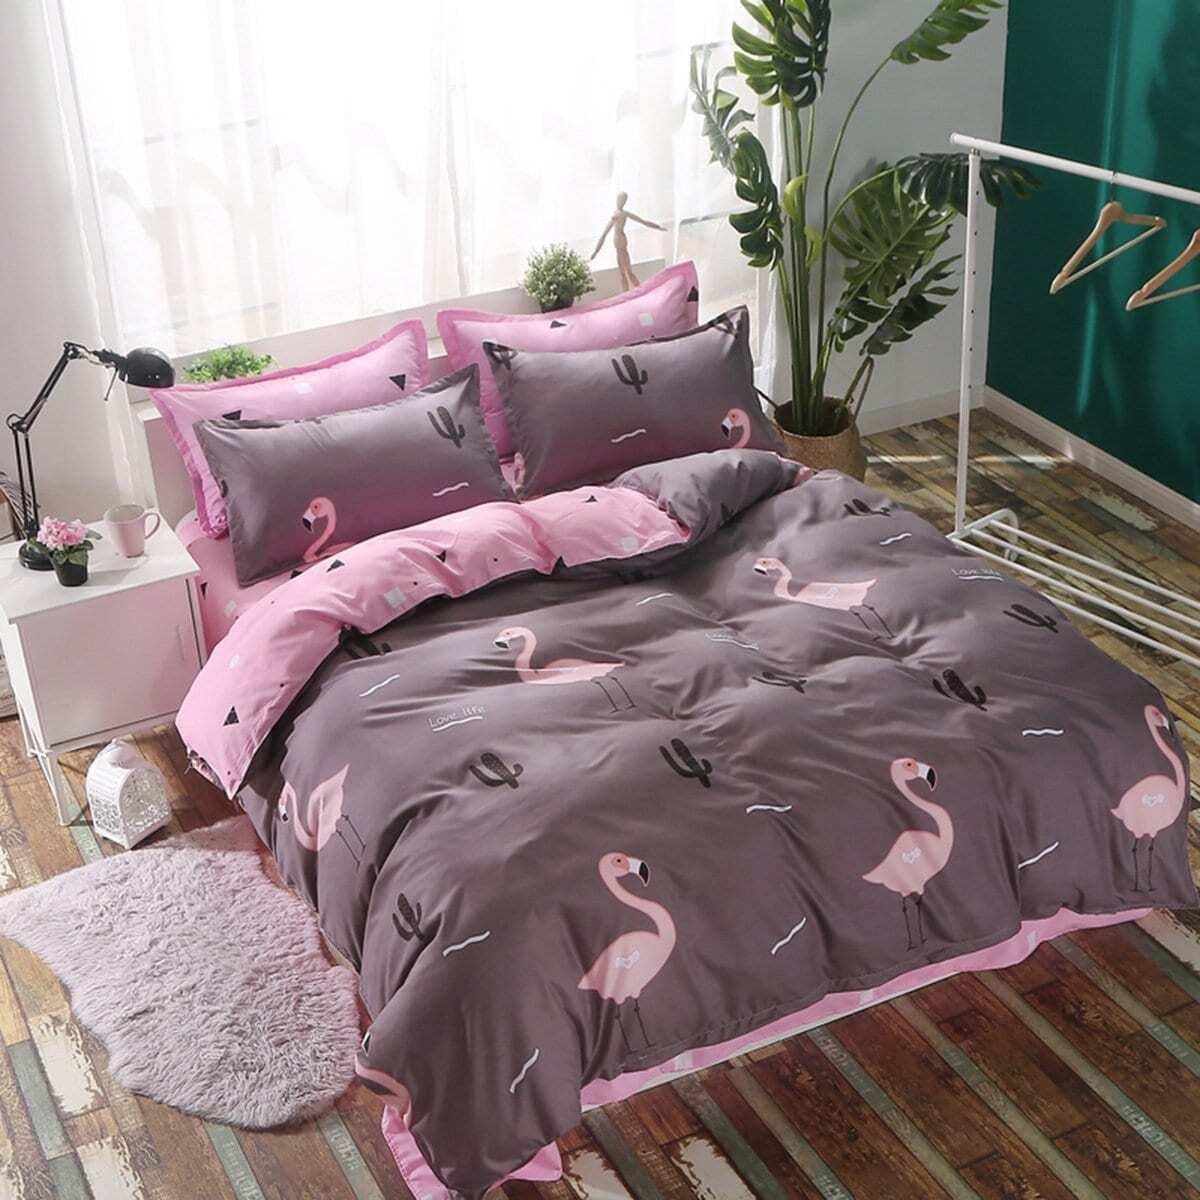 Beddengoedset met Flamingo en Plant Print